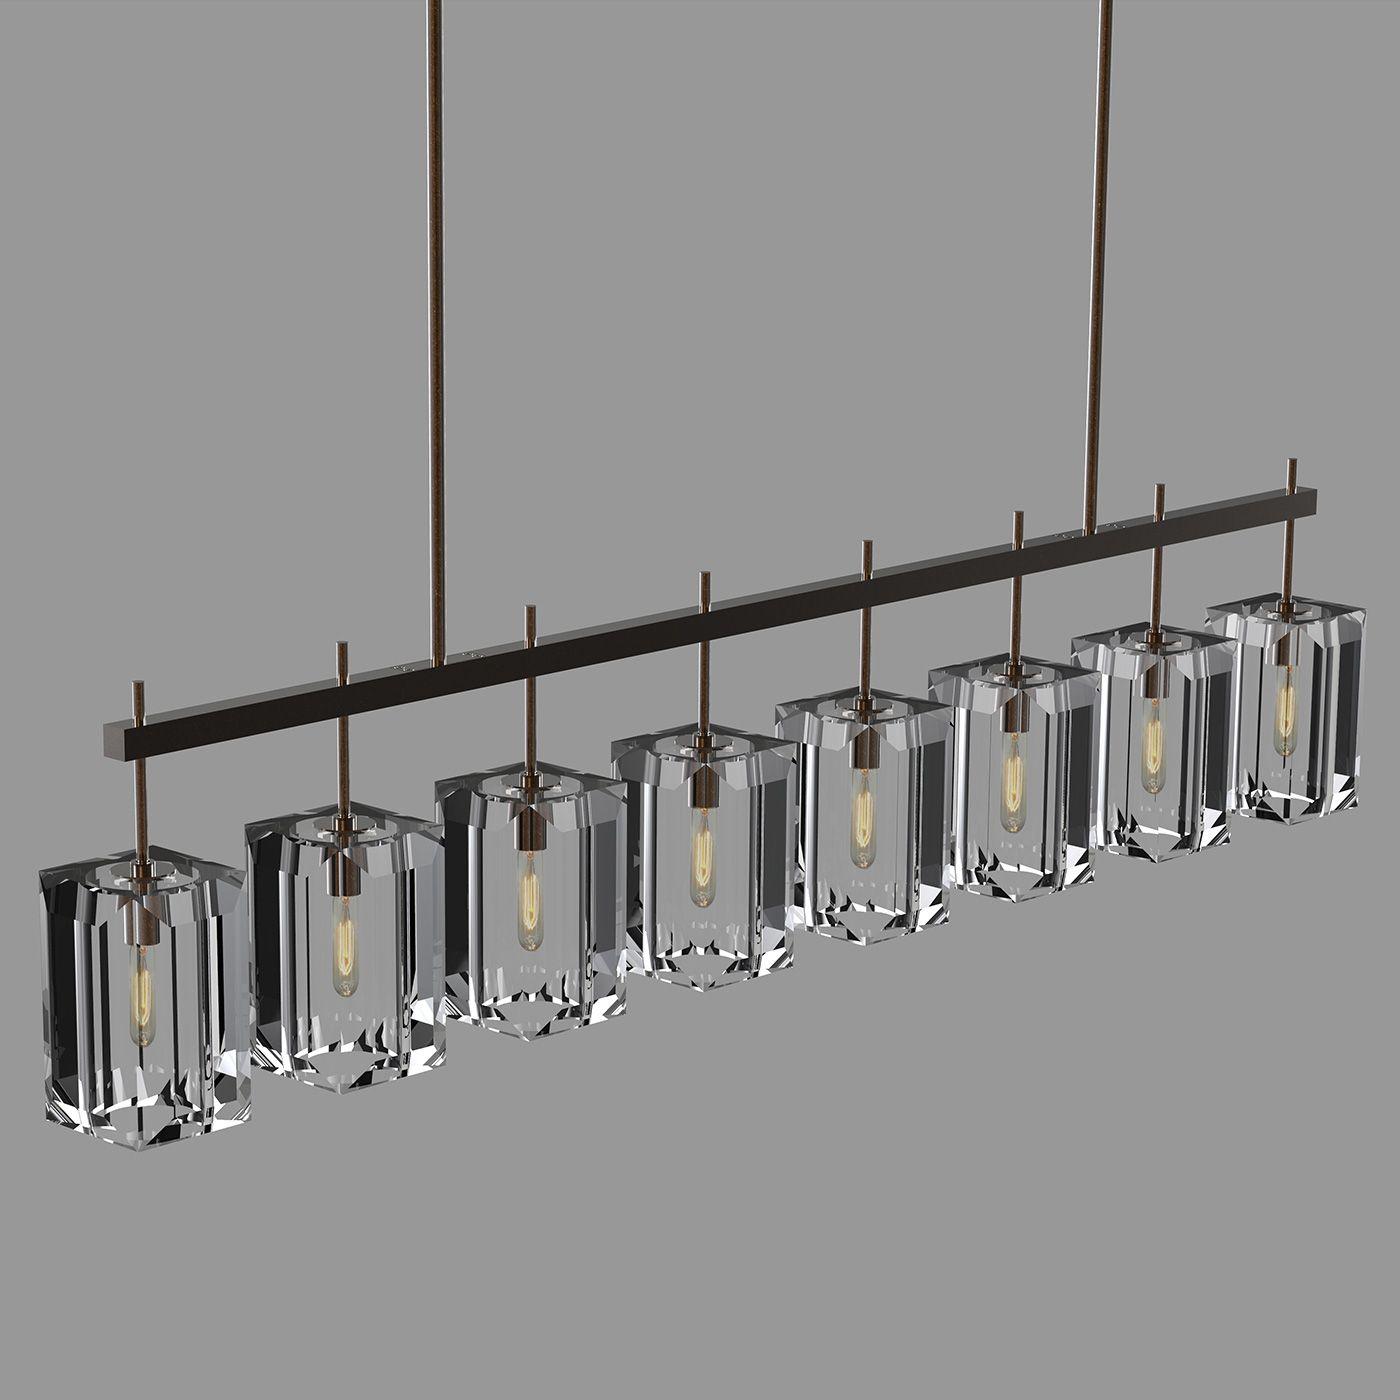 Monceau Linear Chandelier By Fine Art Lamps